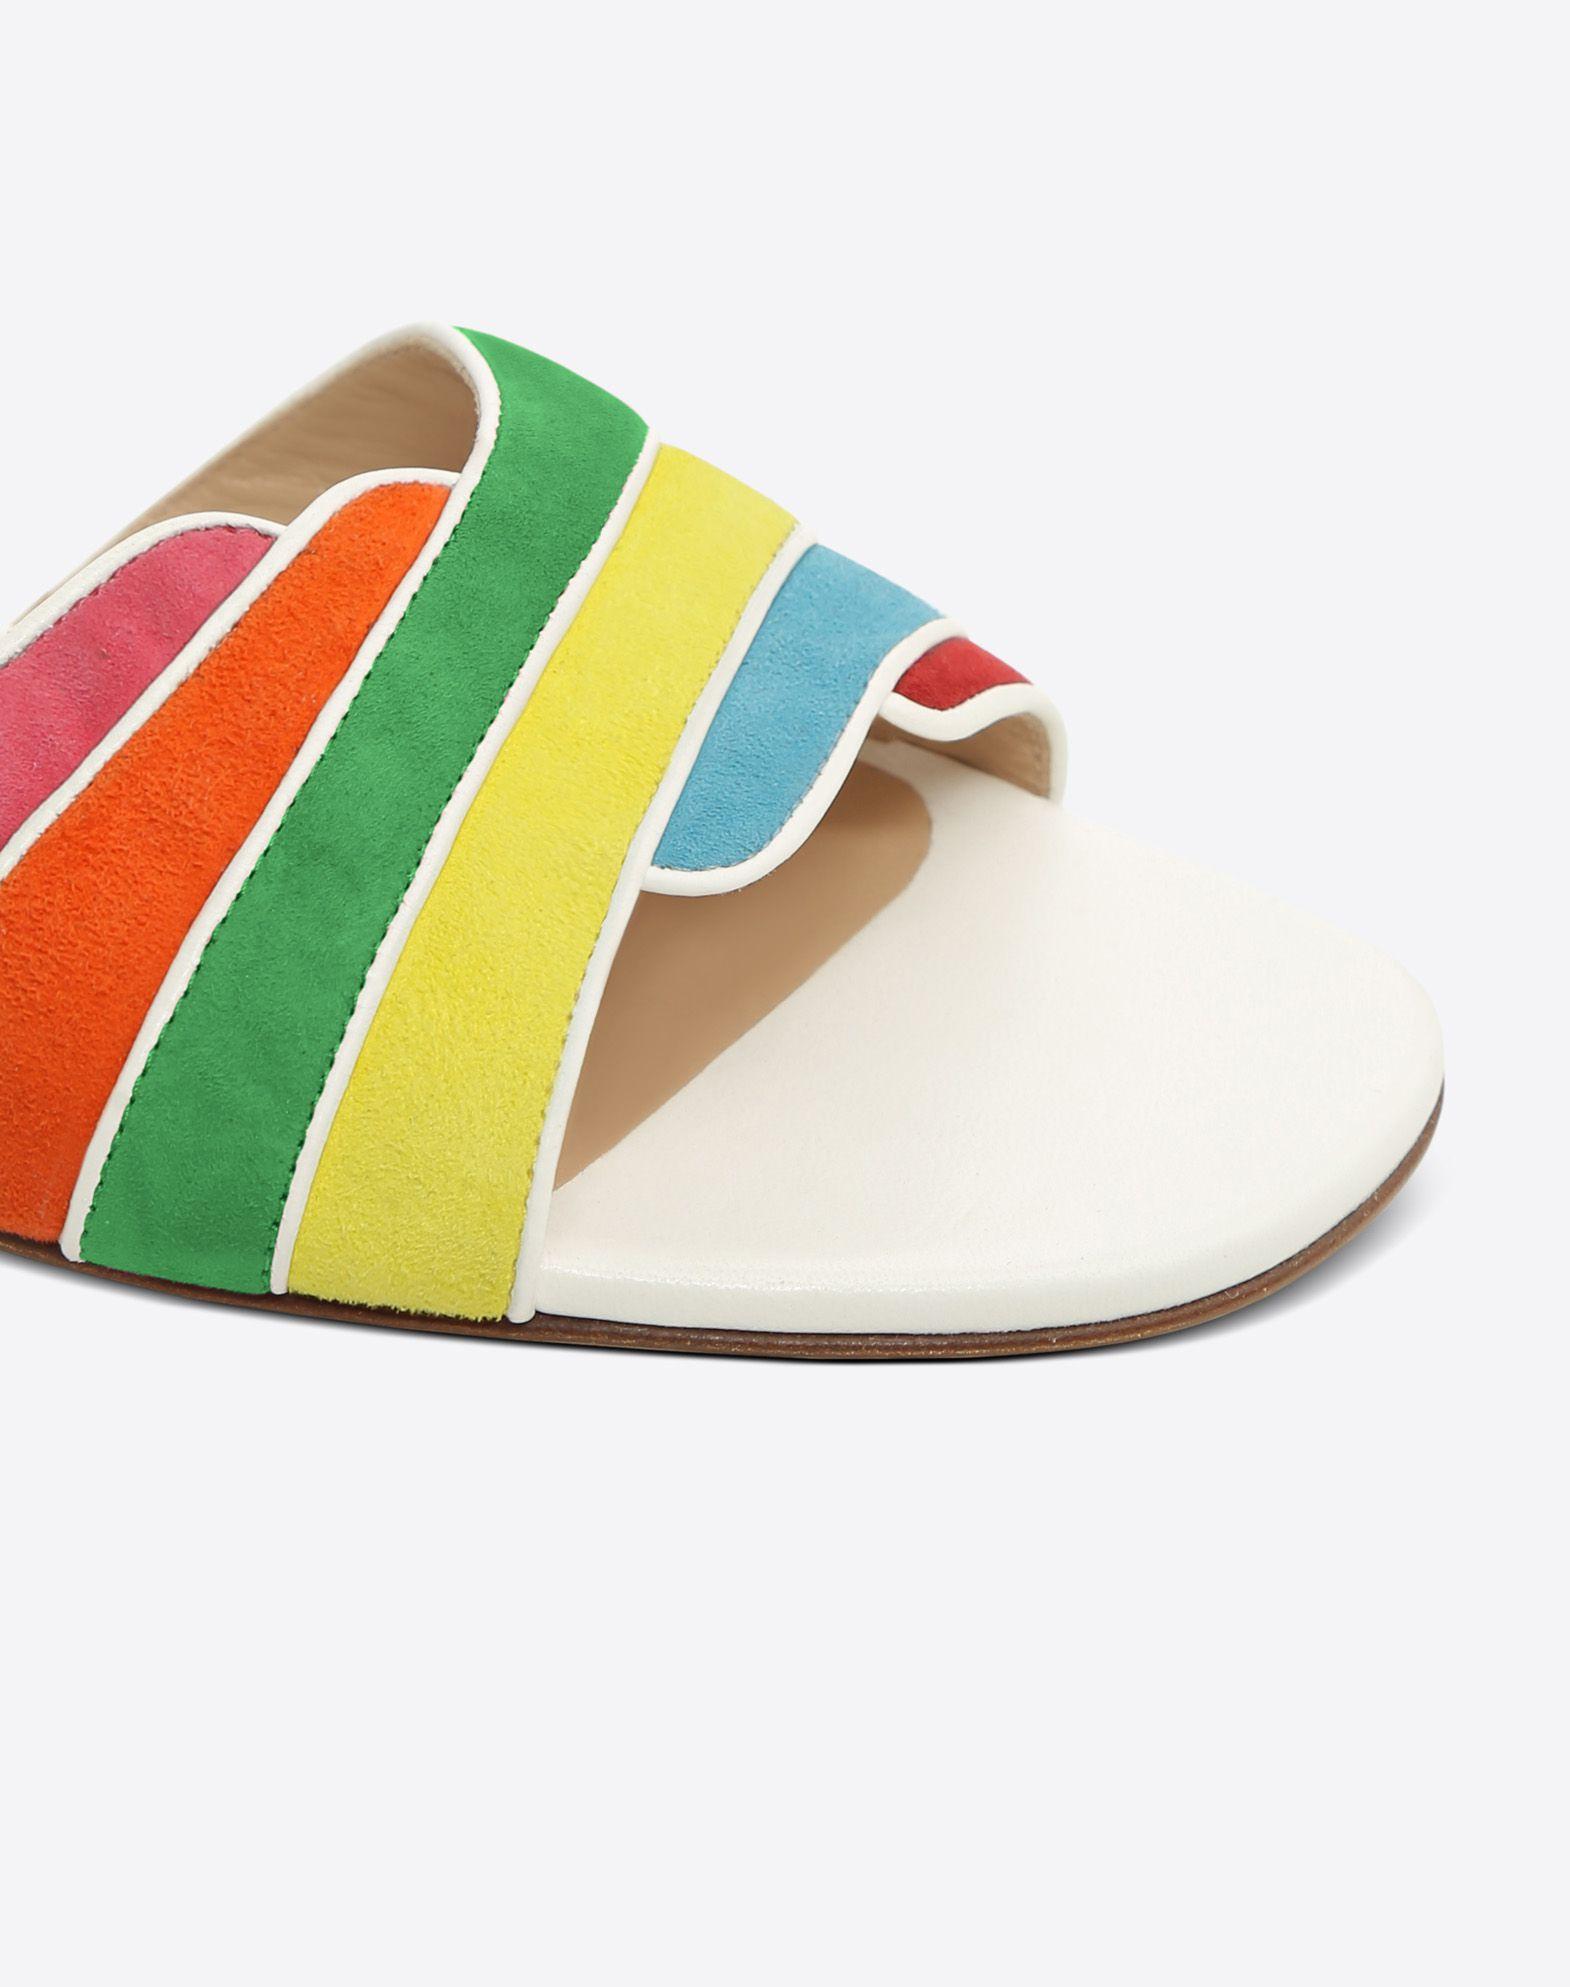 VALENTINO GARAVANI Sandalias multicolores FLAT SANDALS D b